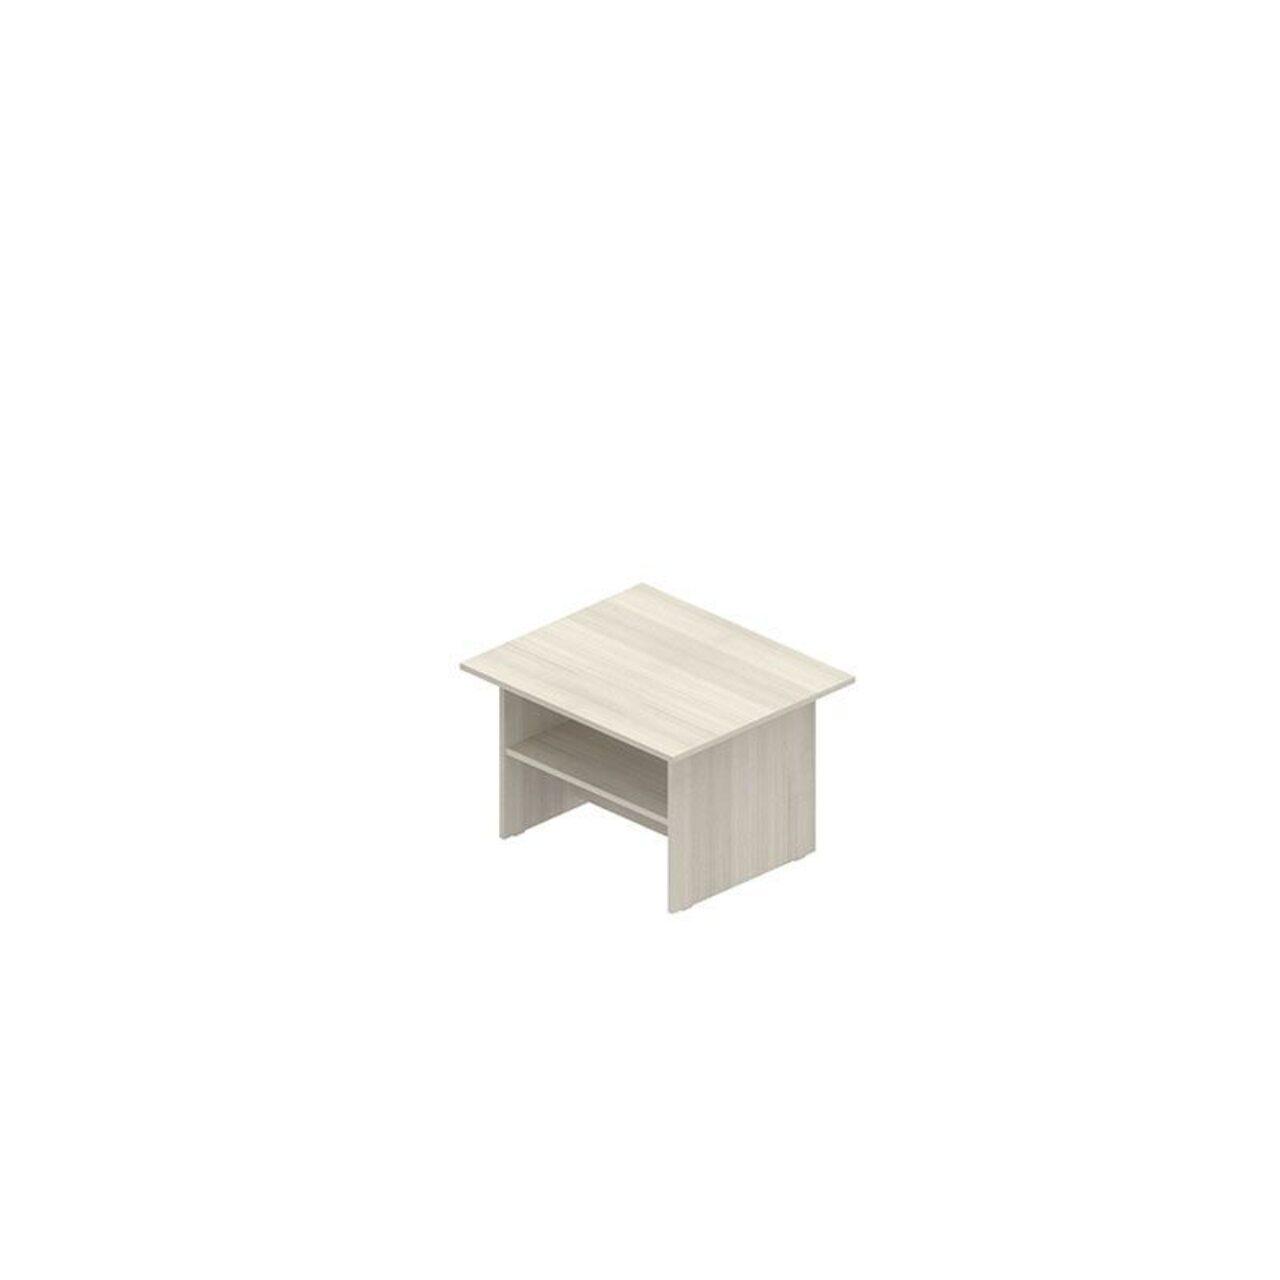 Стол журнальный  Contemp 70x60x46 - фото 4